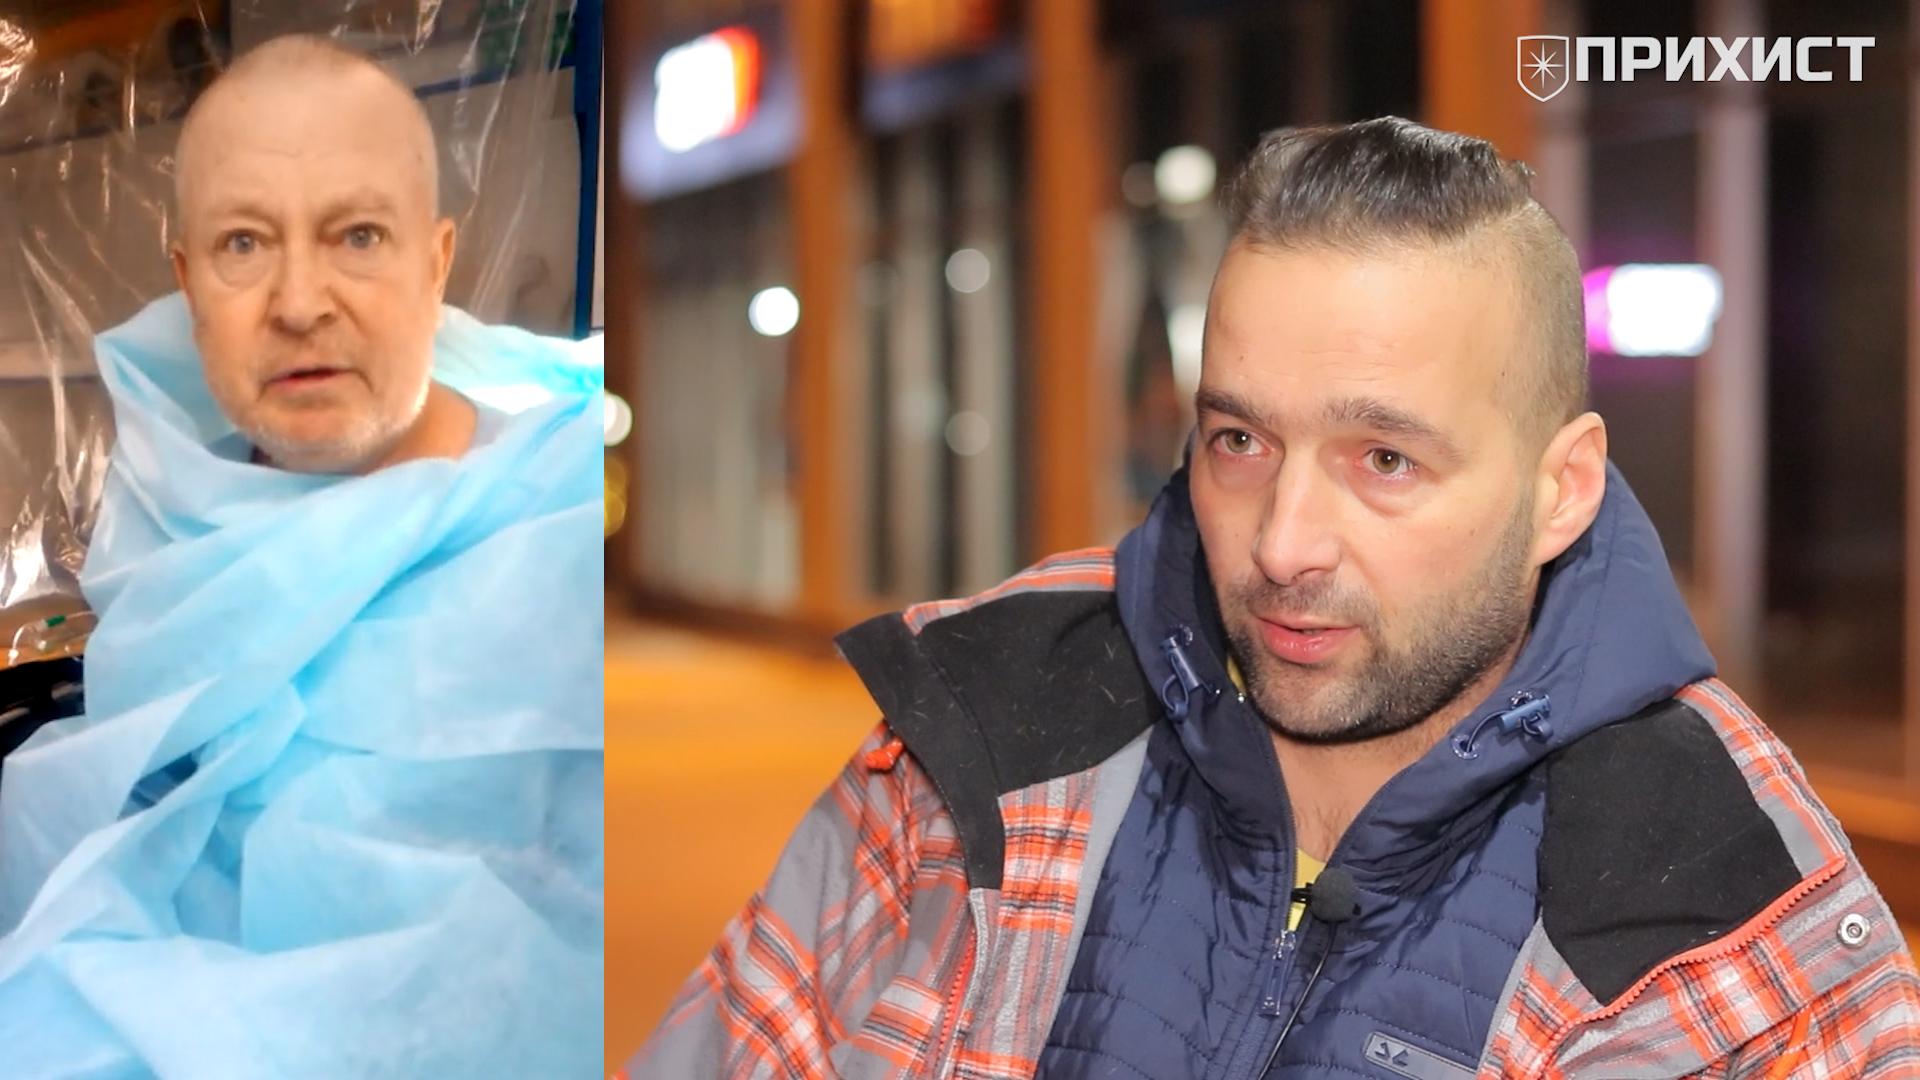 Инцидент в Никопольской больнице №1   Прихист